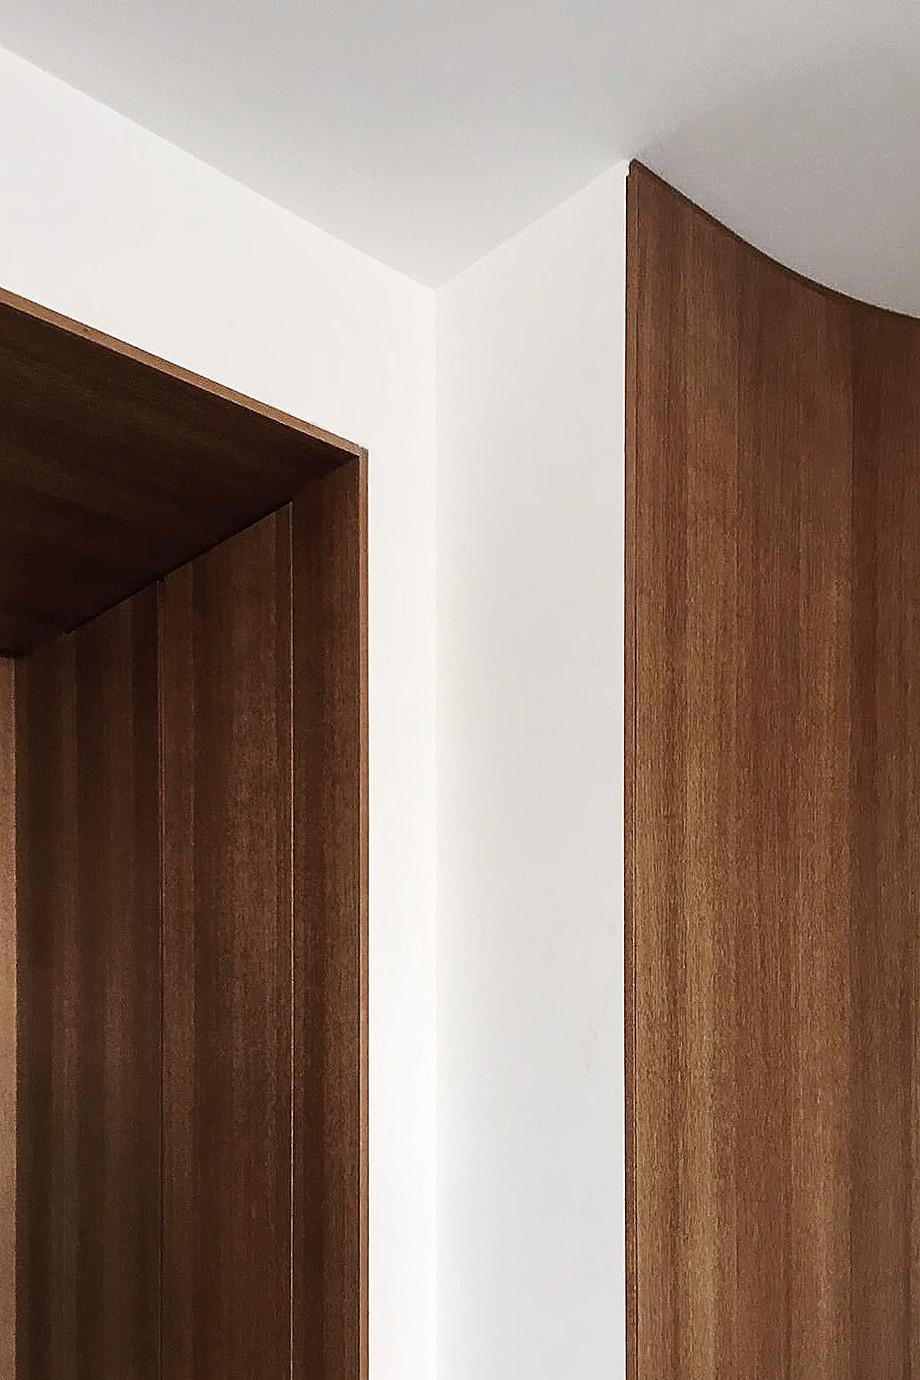 apartamento p-420 de nicolas dorval-bory - foto emanuele dionigi (14b)